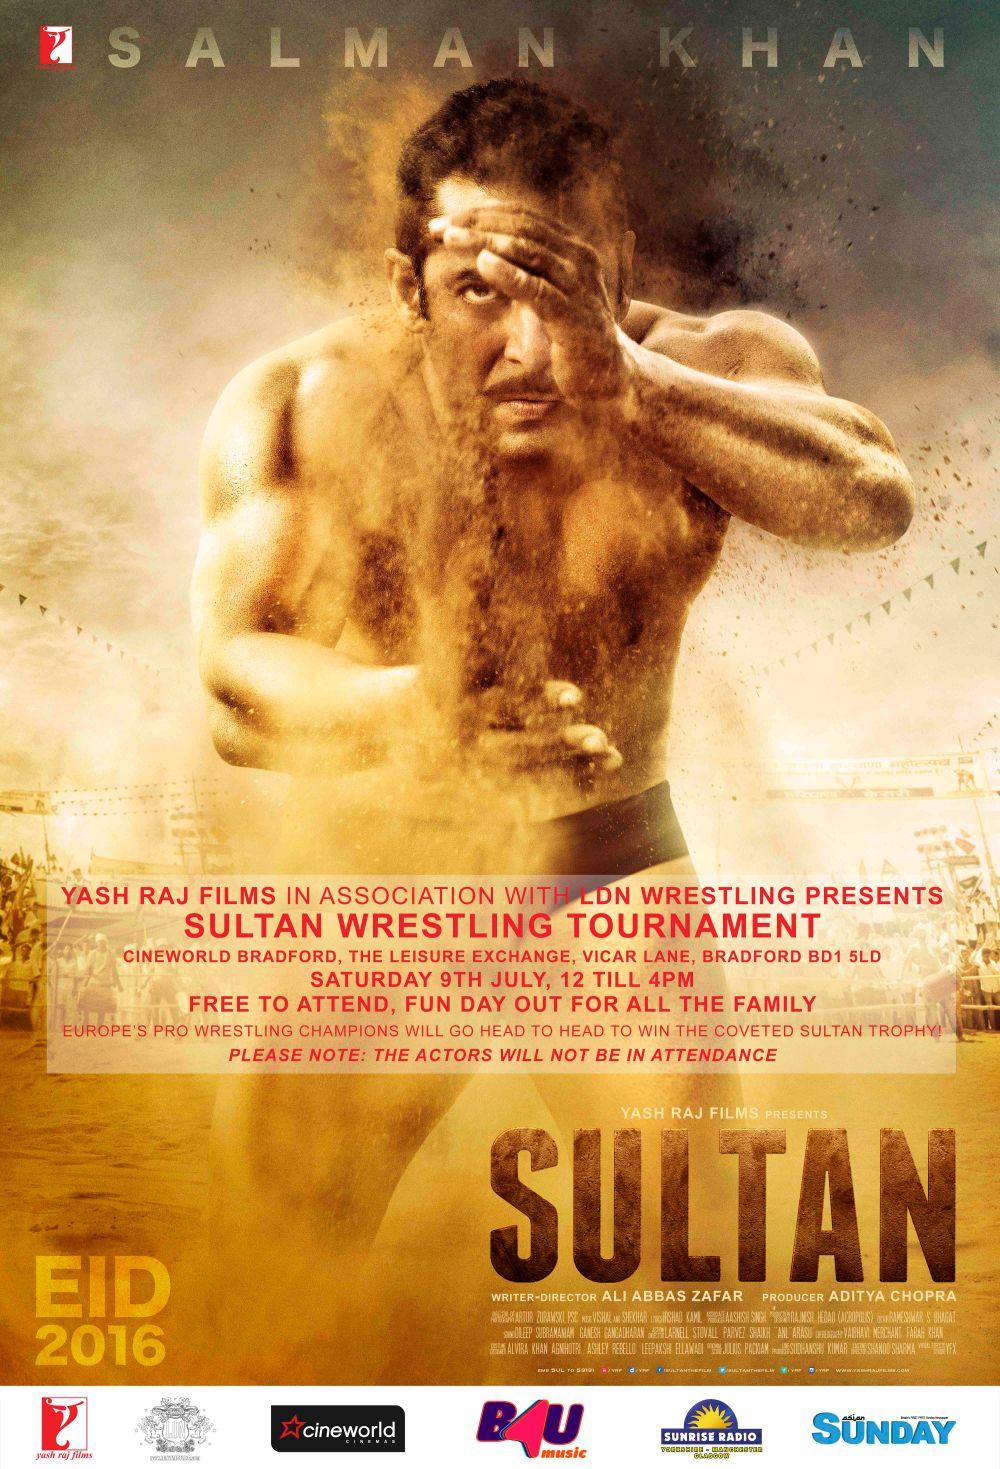 Sultan Wrestling Tournament